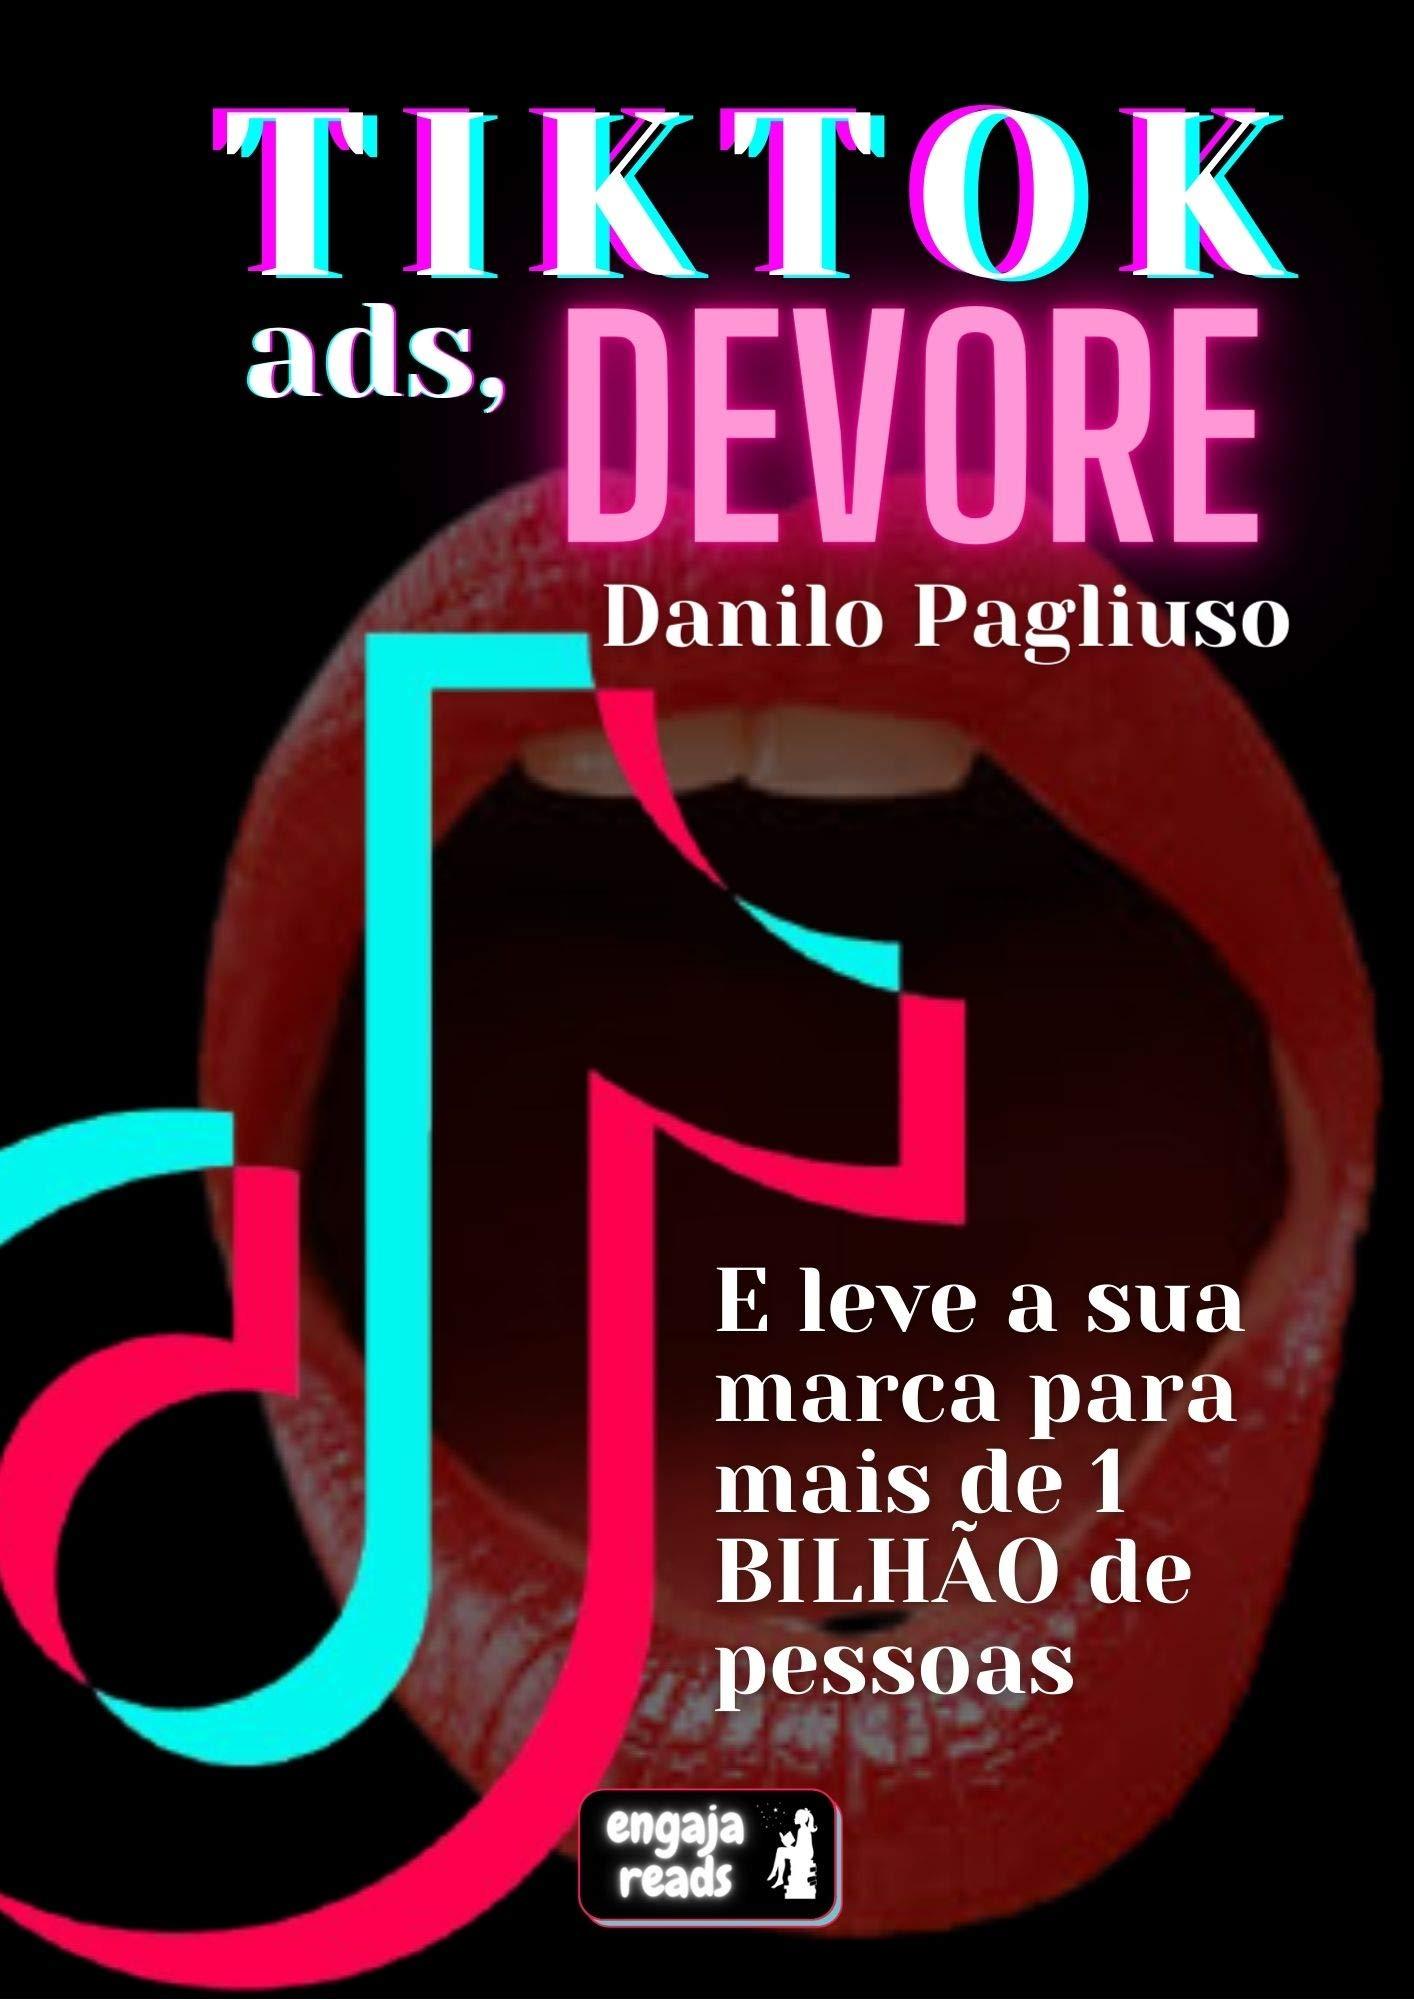 TikTok Ads, Devore: E leve a sua marca para mais de 1 BILHÃO de pessoas (Portuguese Edition)